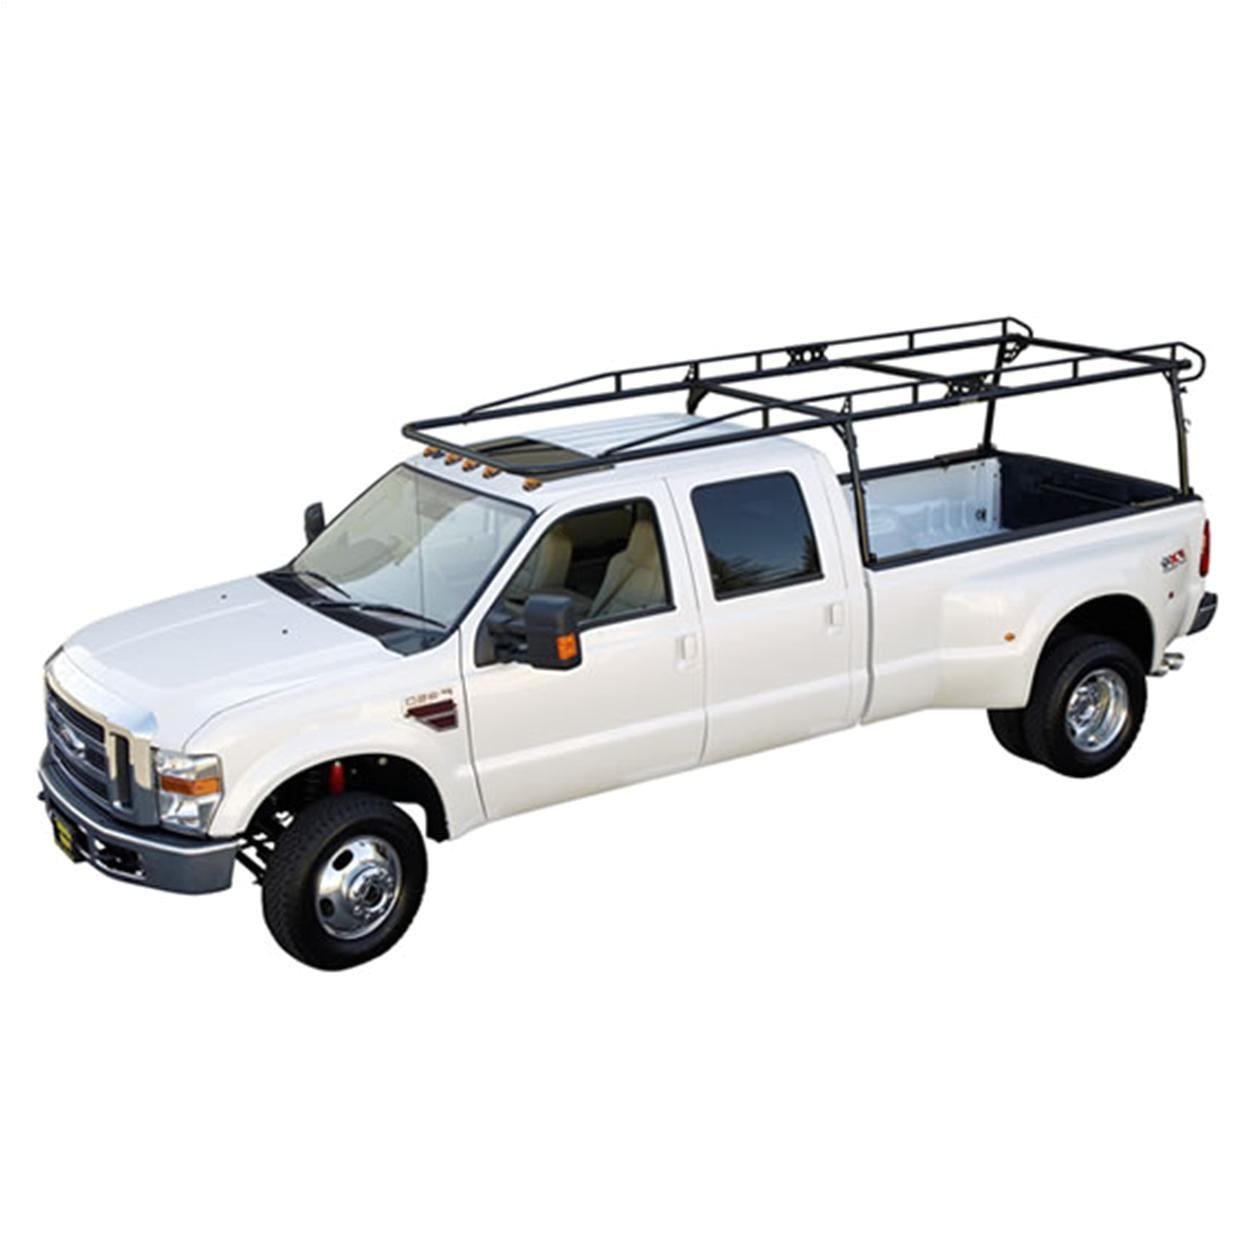 kargo master heavy duty pro ii ladder rack for full size open bed pickup trucks image